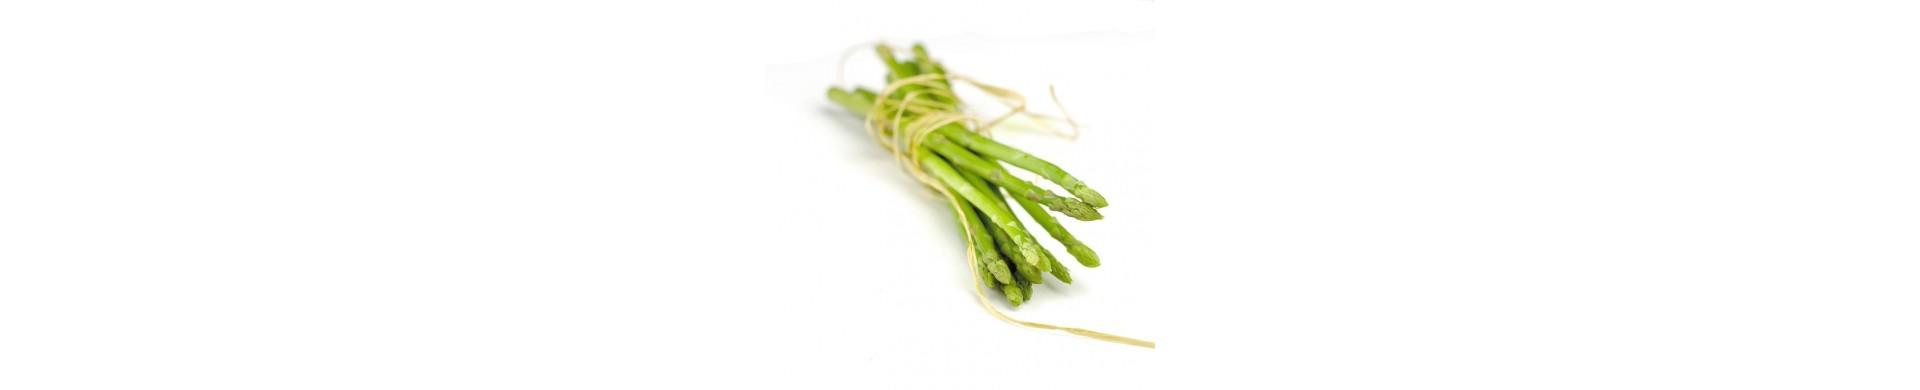 Plant asparagus - Buy asparagus plants